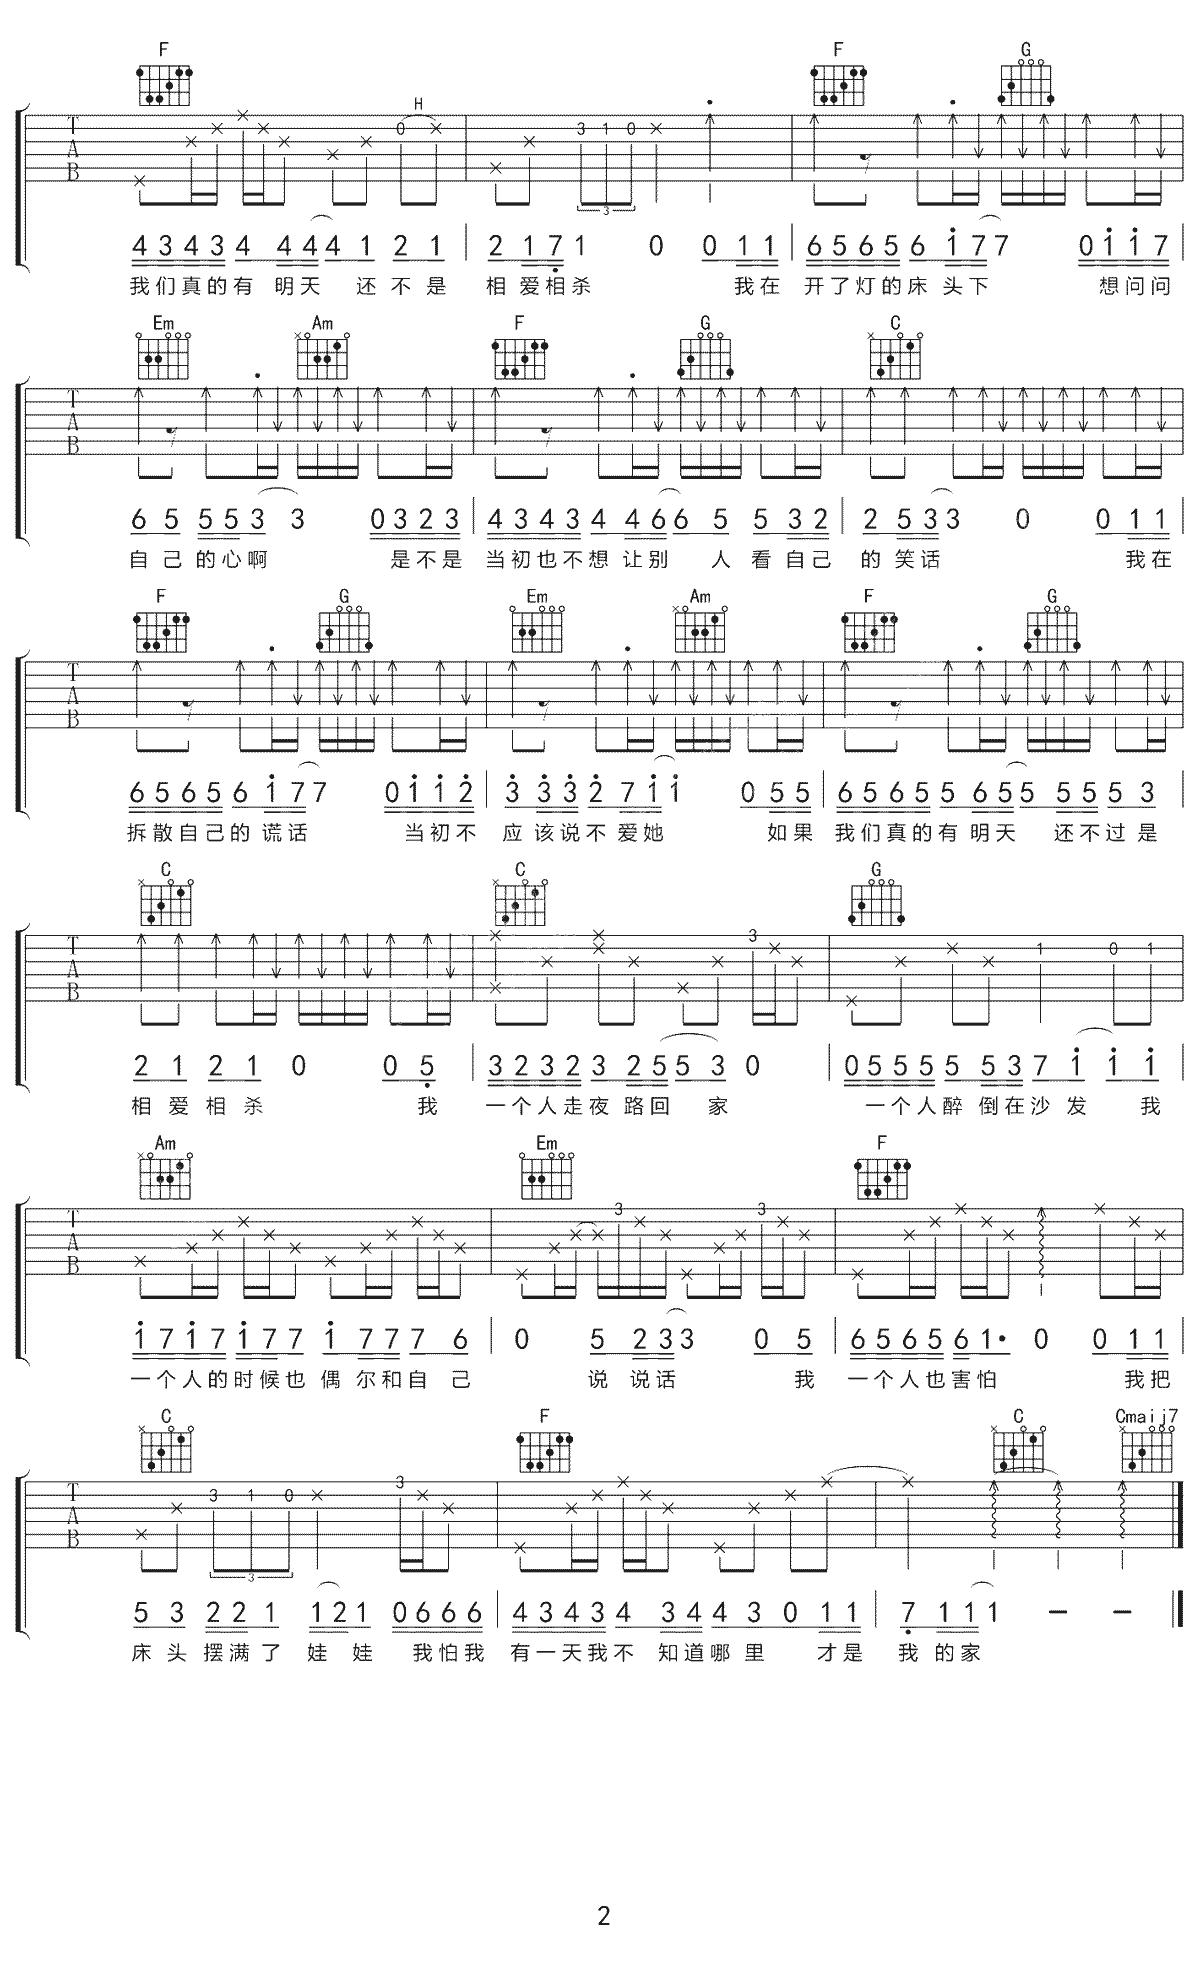 隔壁老樊《关于孤独我想说的话》吉他谱 C调吉他弹唱谱3